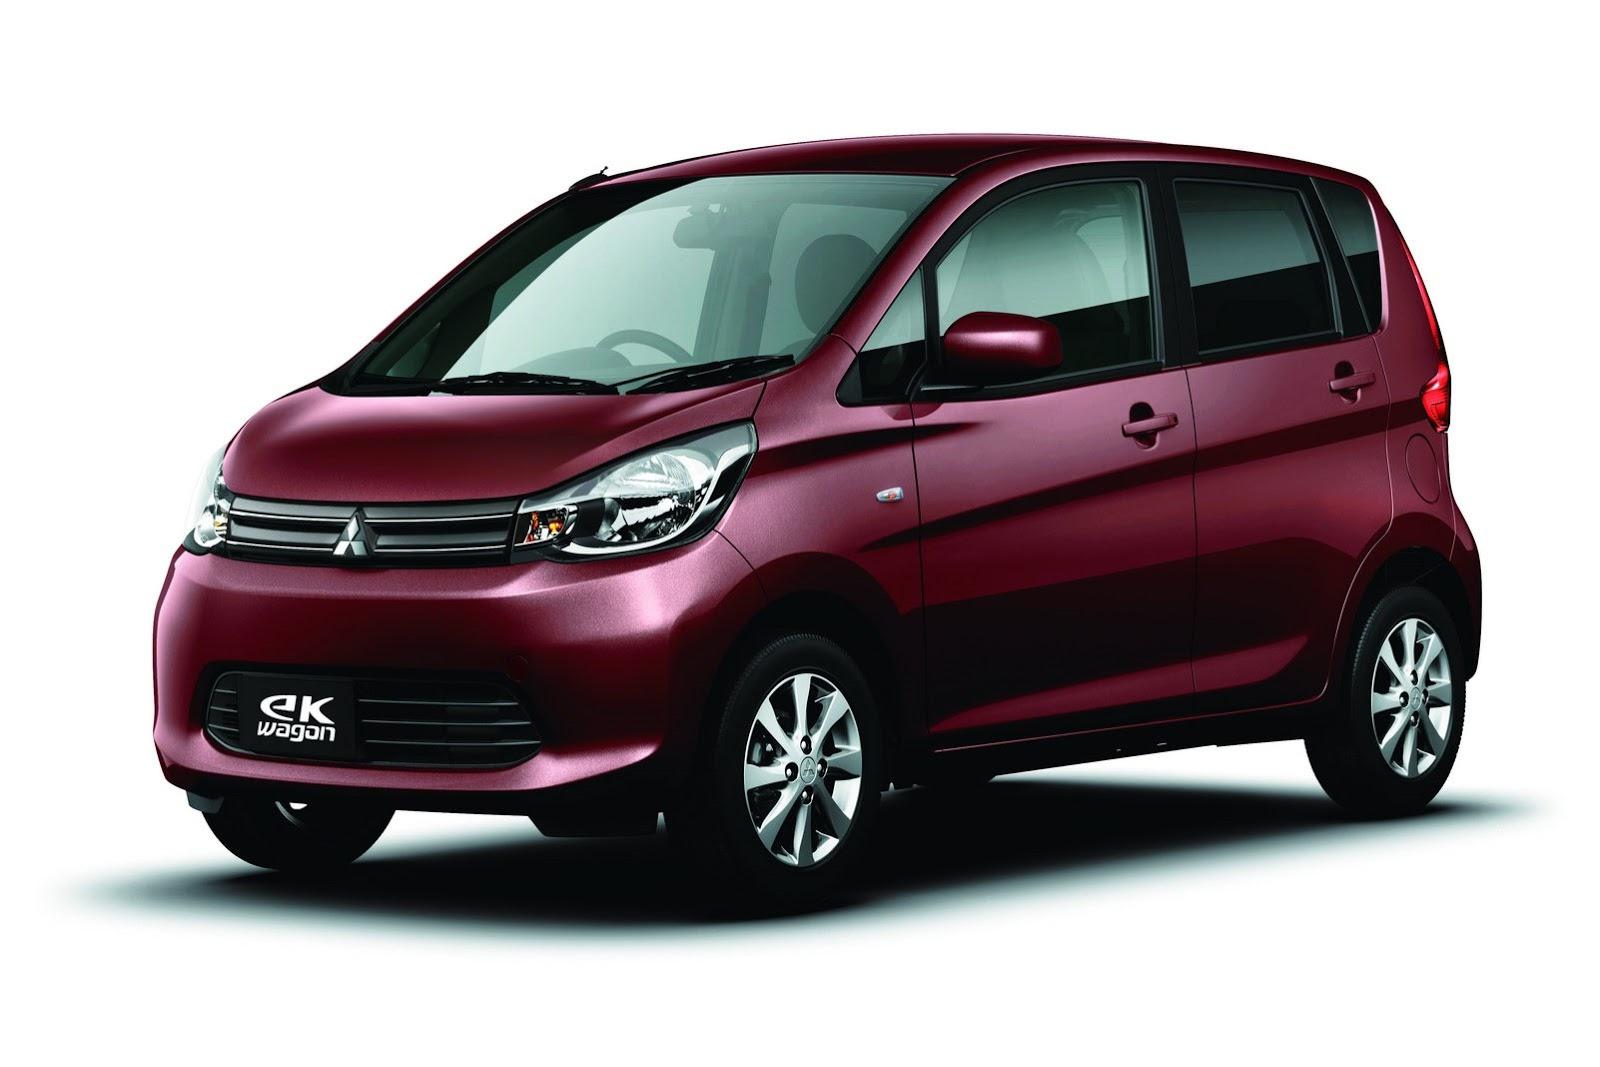 Mitsubishi-ek-wagon